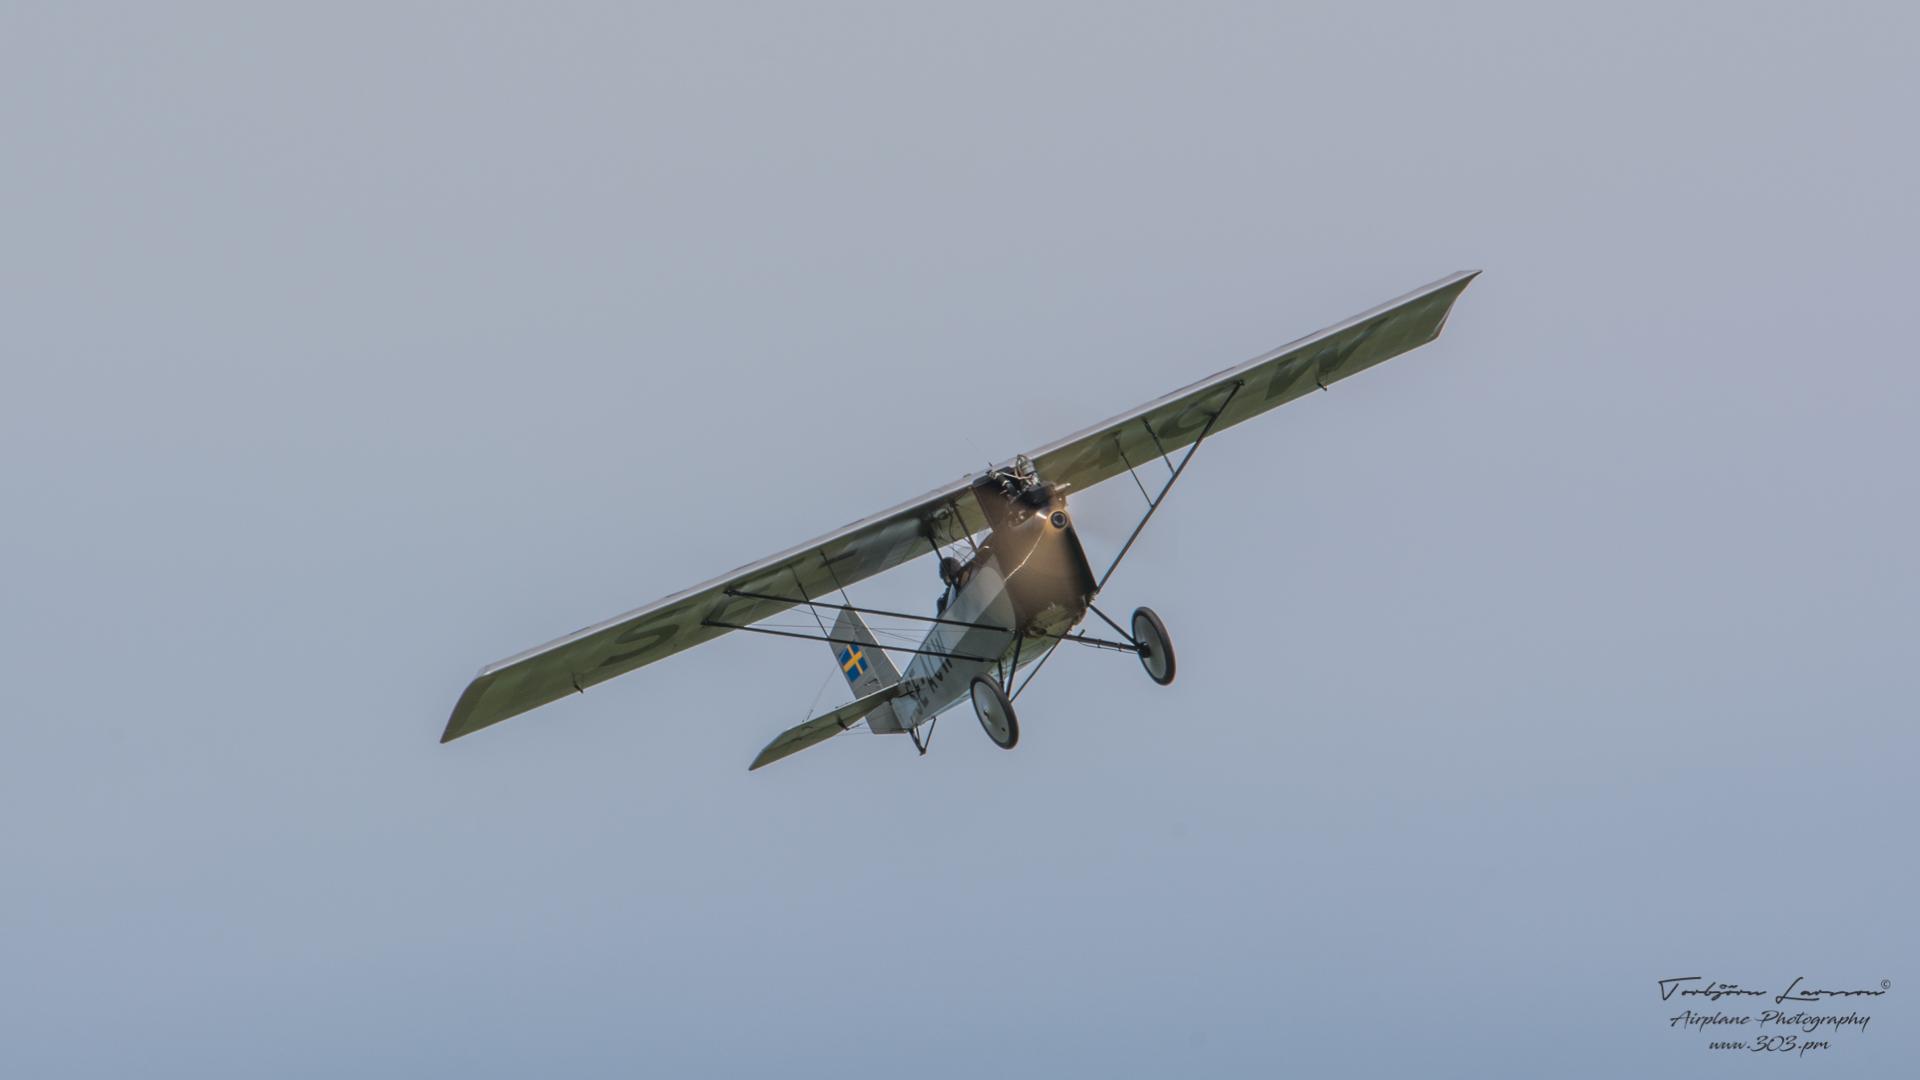 TBE_6573-Pietenpol Air Camper (SE-ACW)